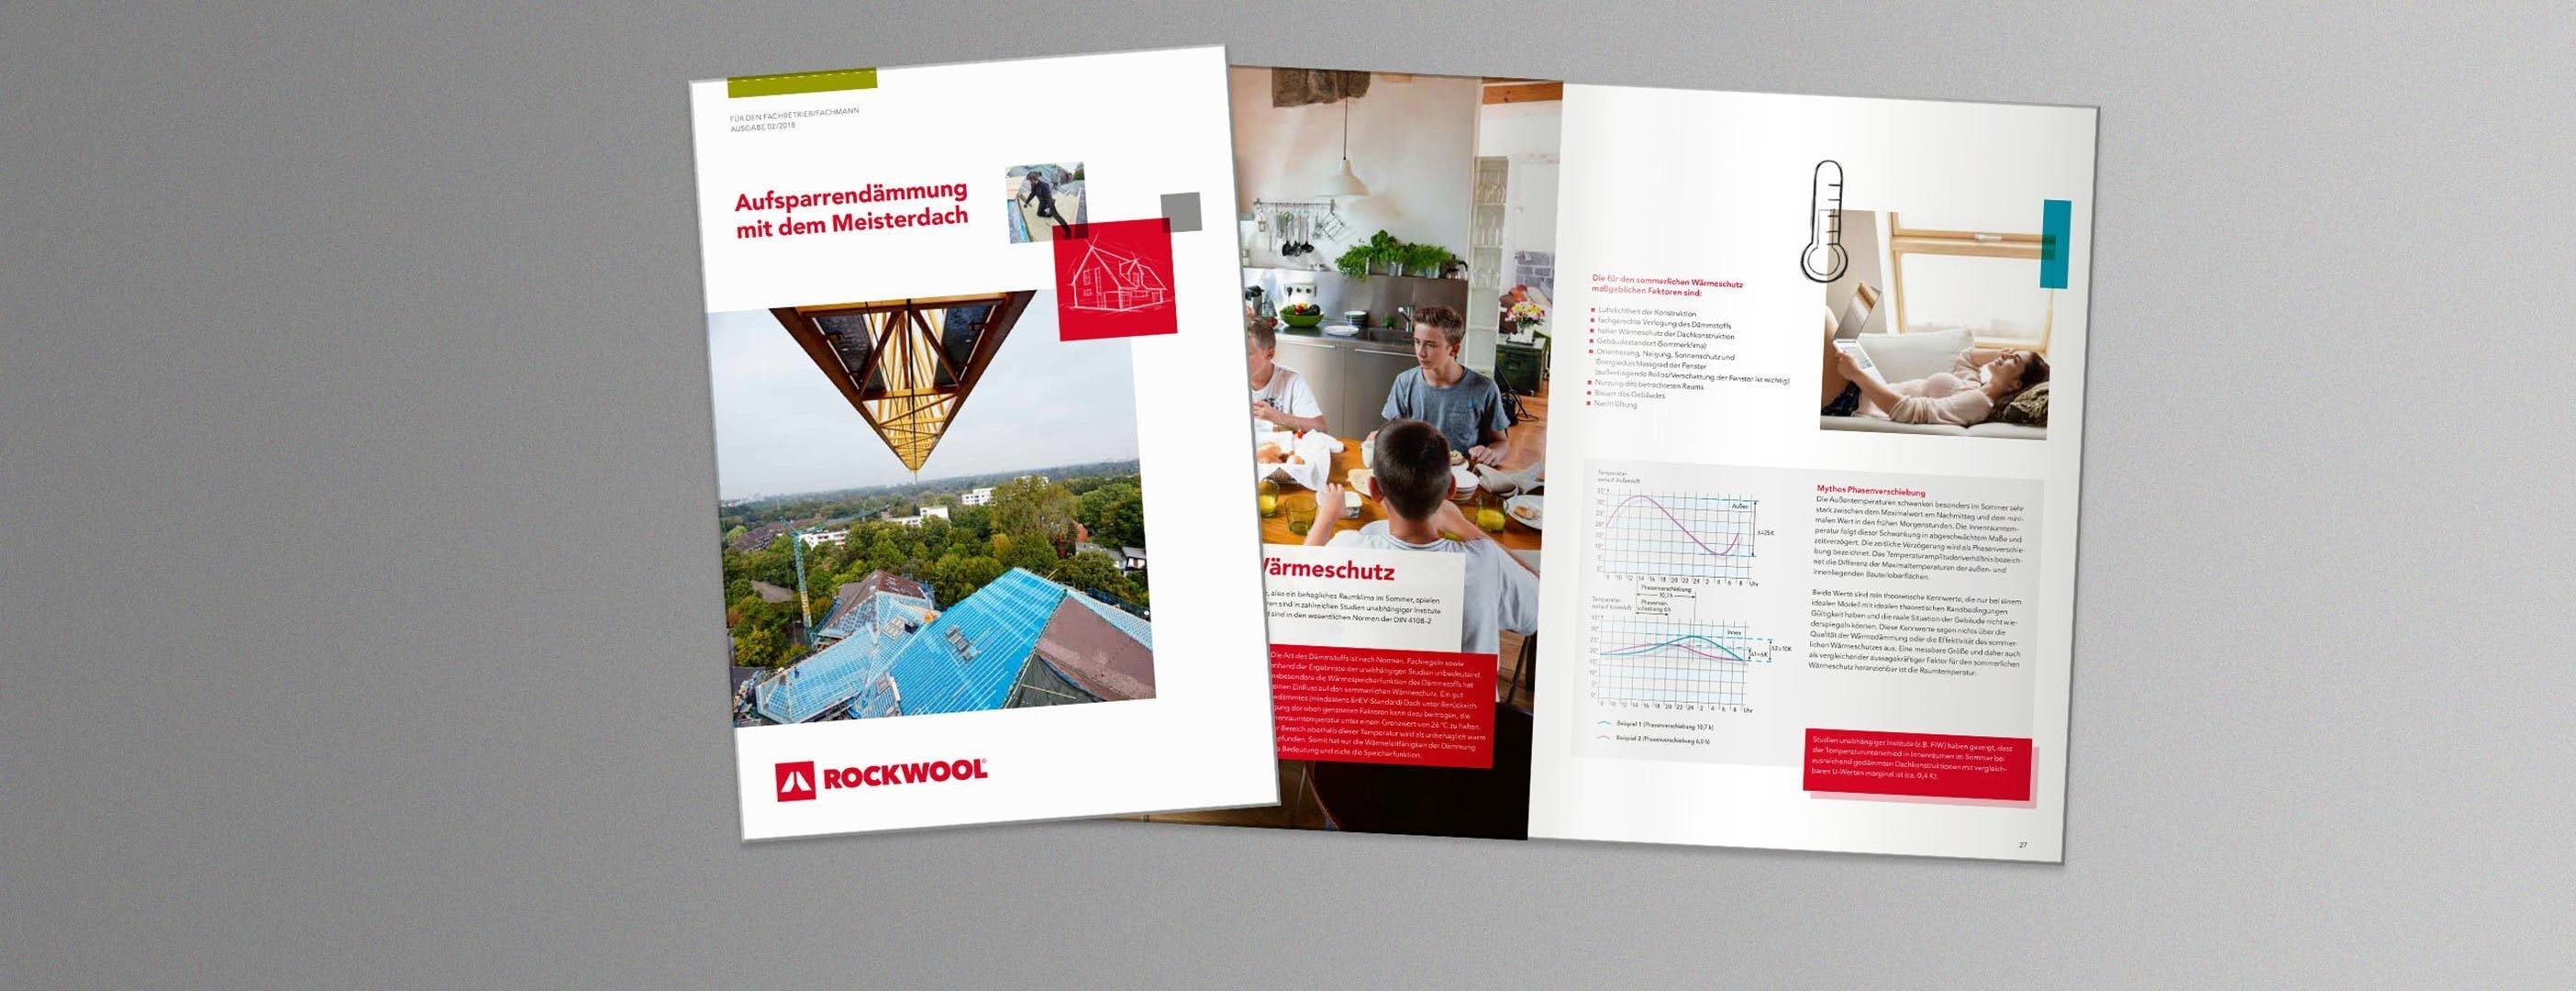 thumb, thumbnail brochure, broschüre aufsparrendämmung, germany